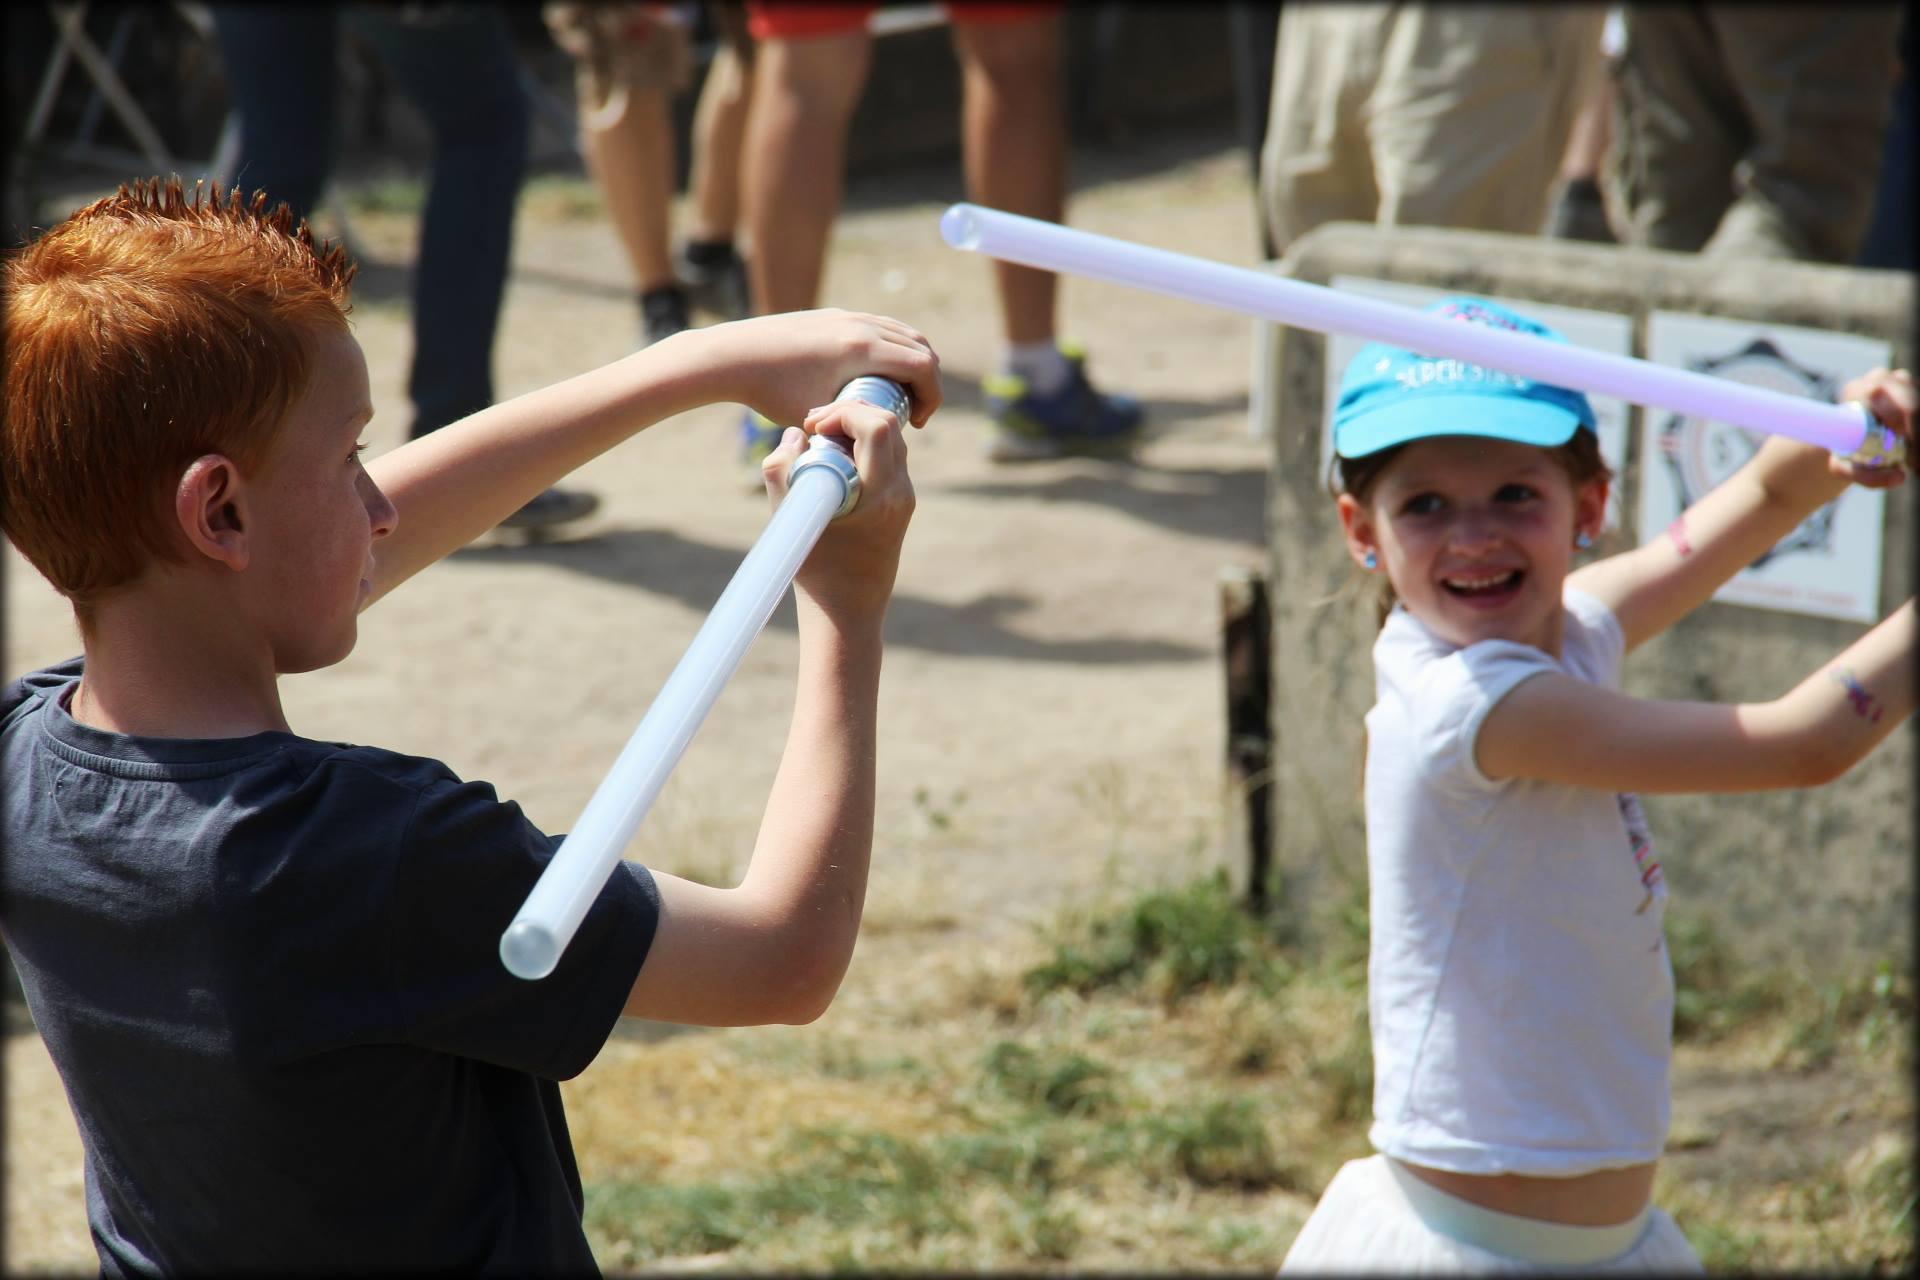 sportsaberleague infantil 2